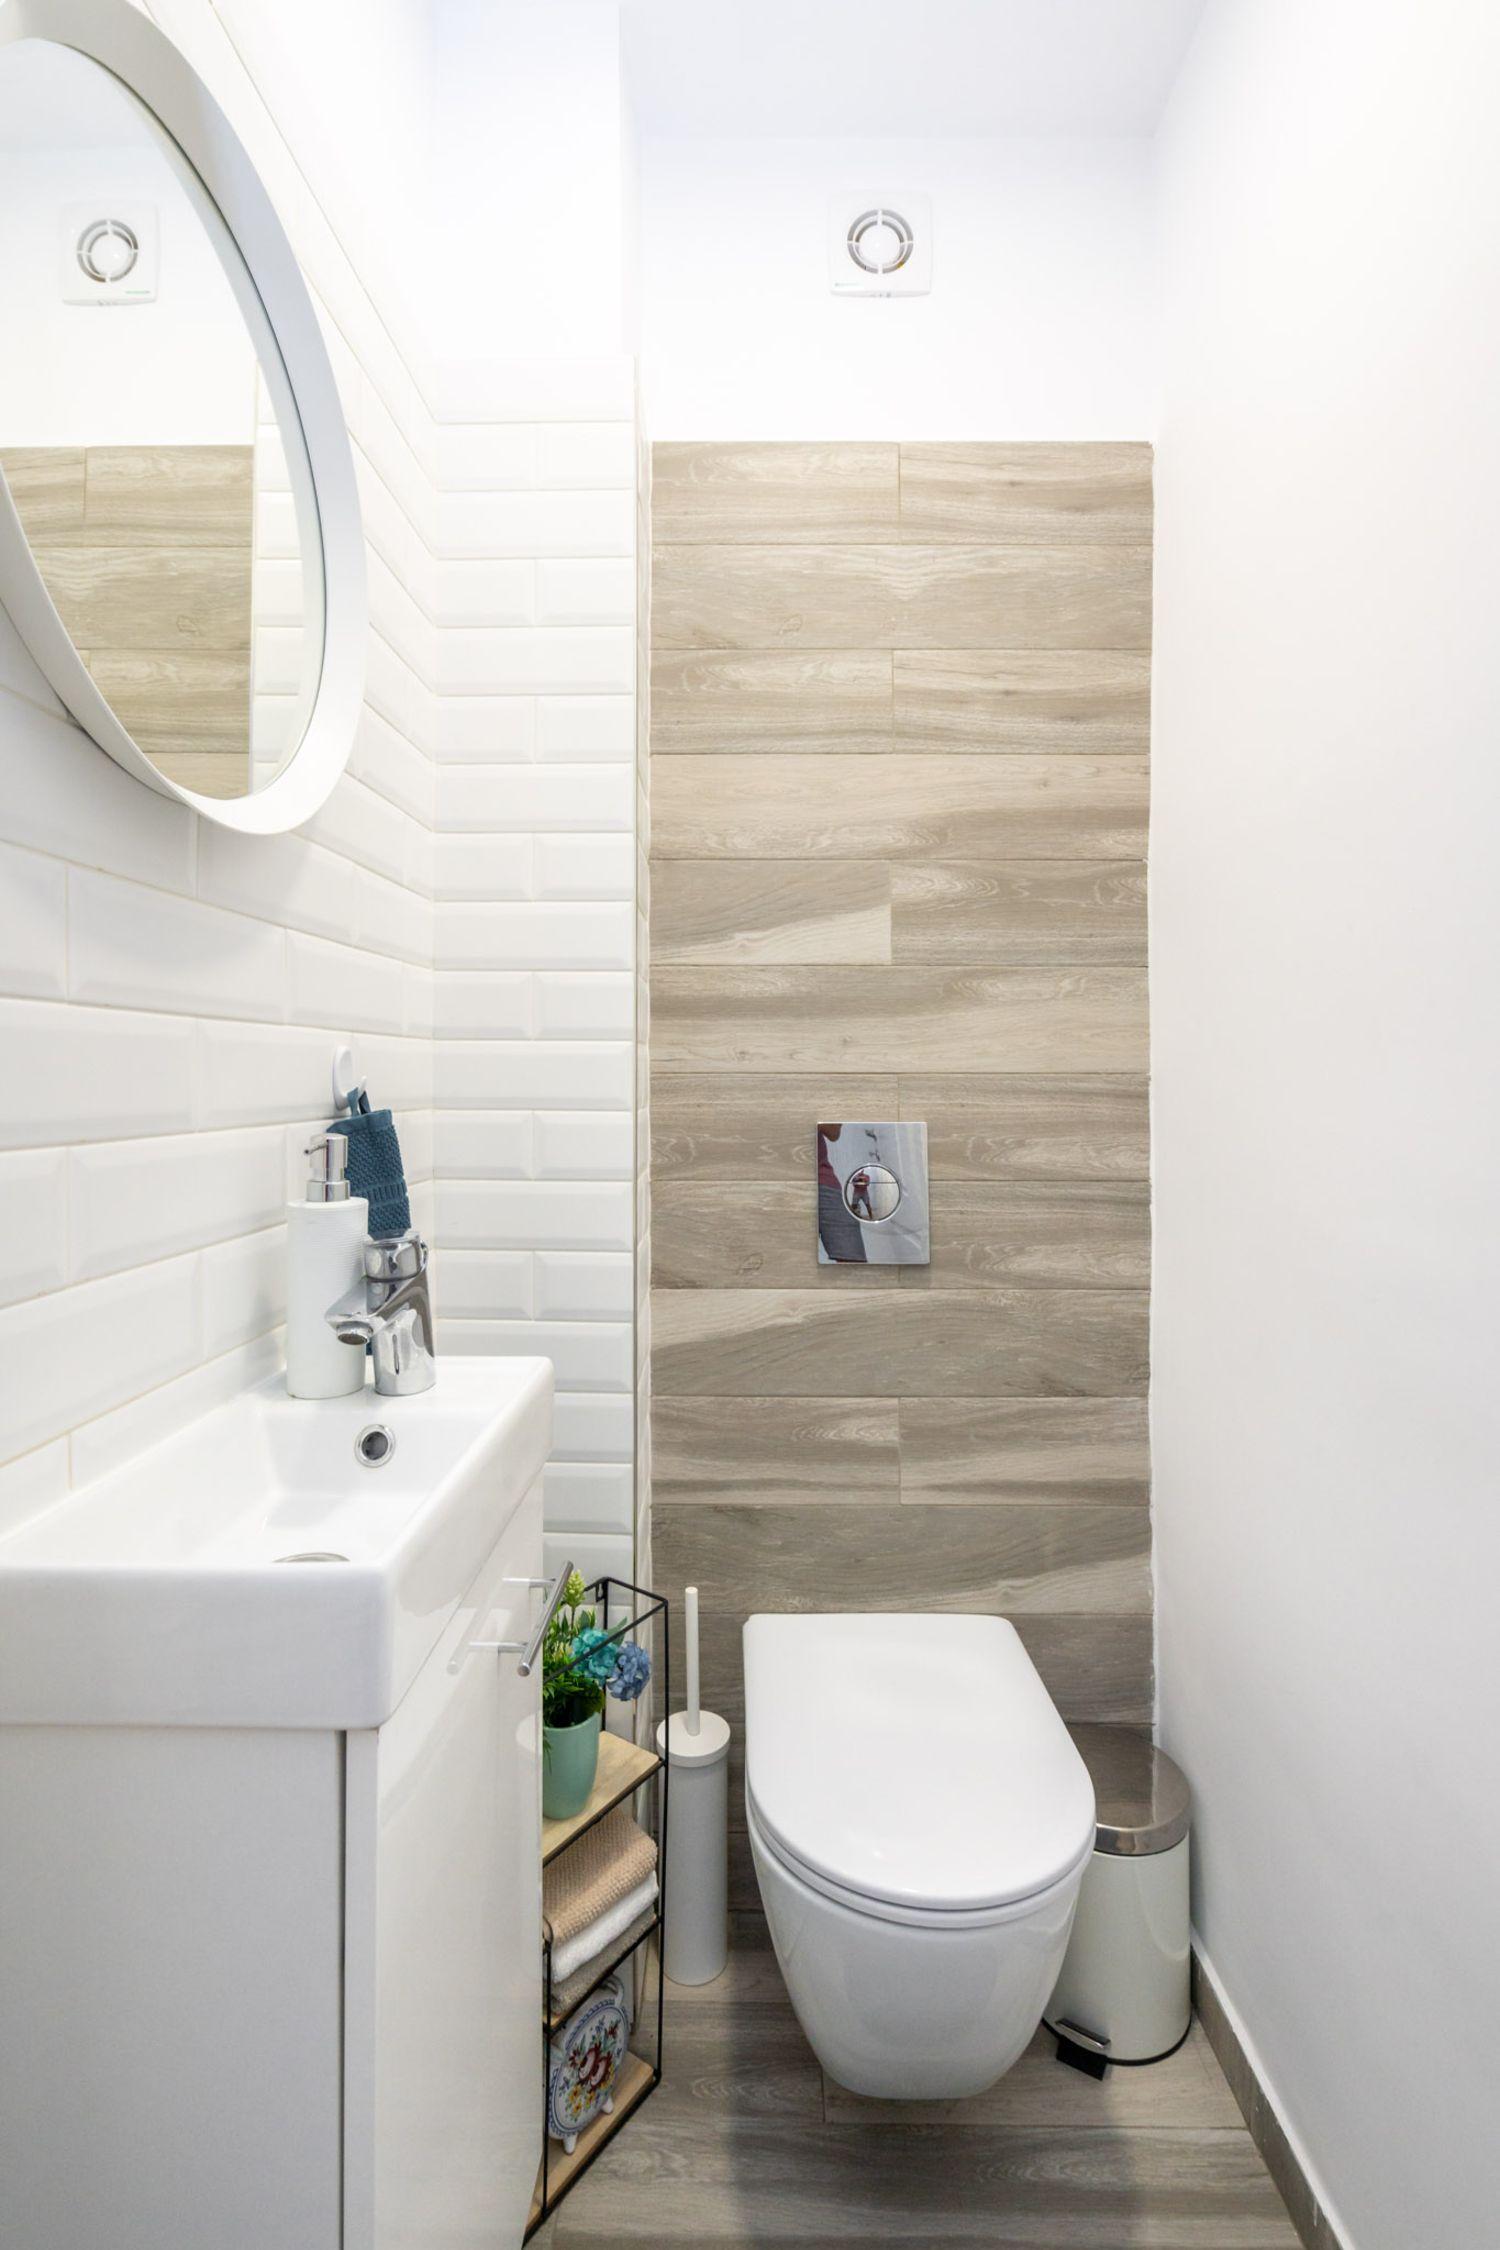 Baie în nuanțe neutre - Amenajare apartament două camere - arh. Cristiana Zgripcea (4)